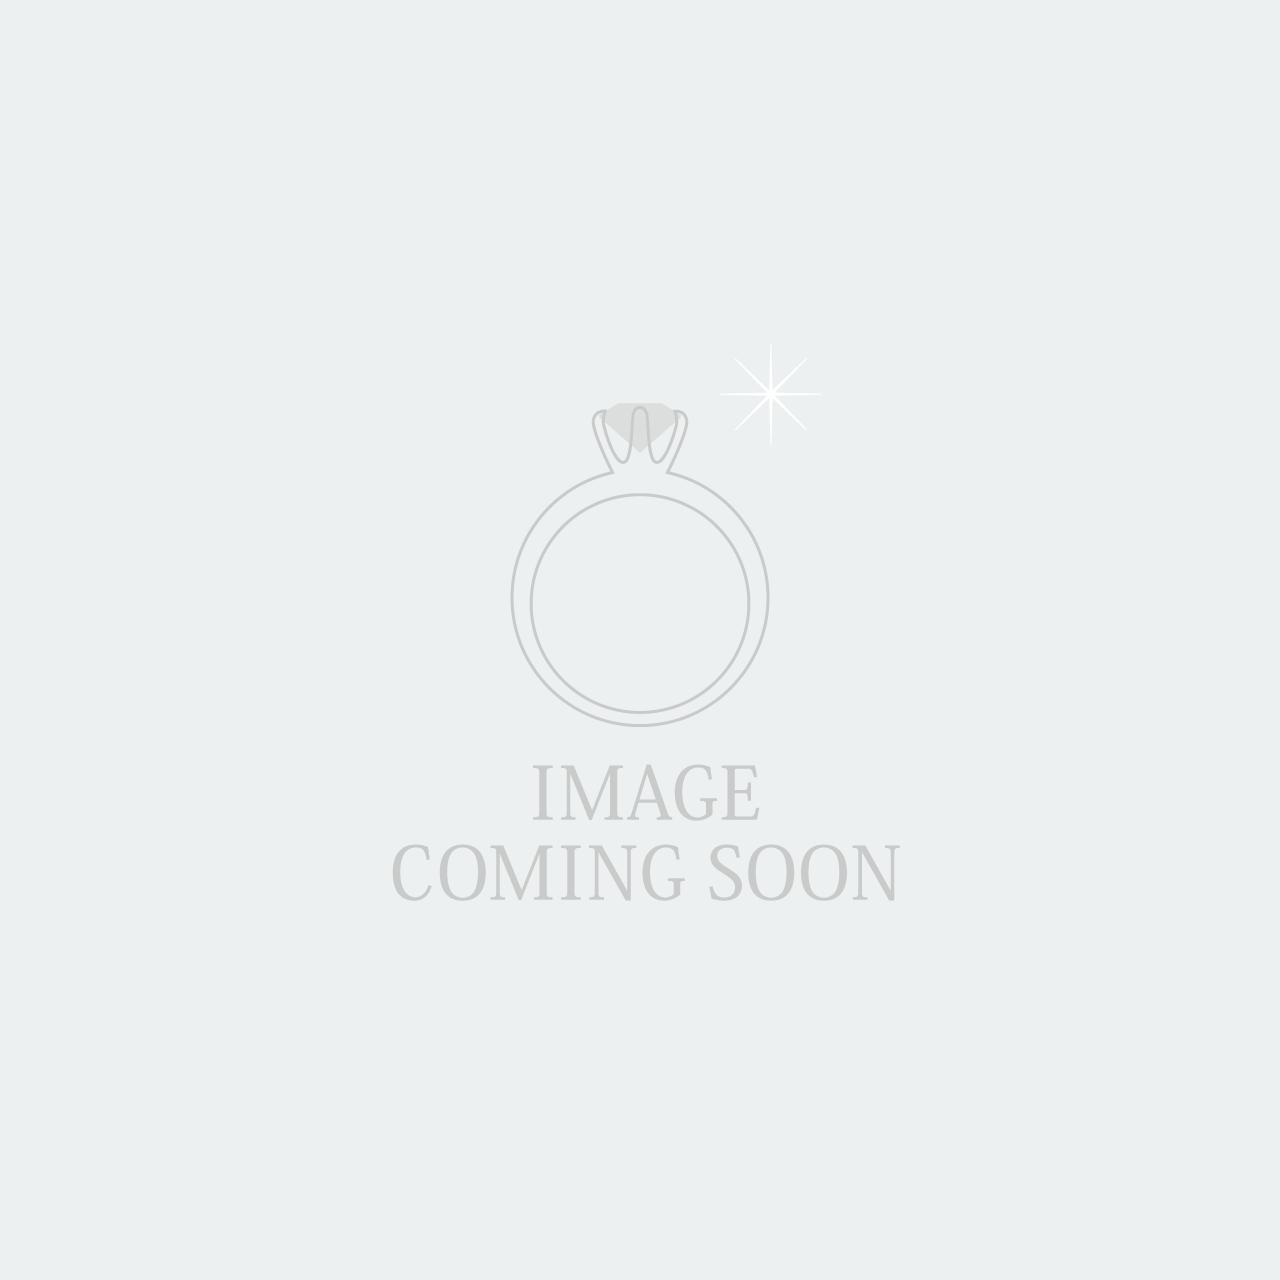 UV硬化樹脂 / 3Dモデル (ピアス) / ト音記号ロングポストピアス